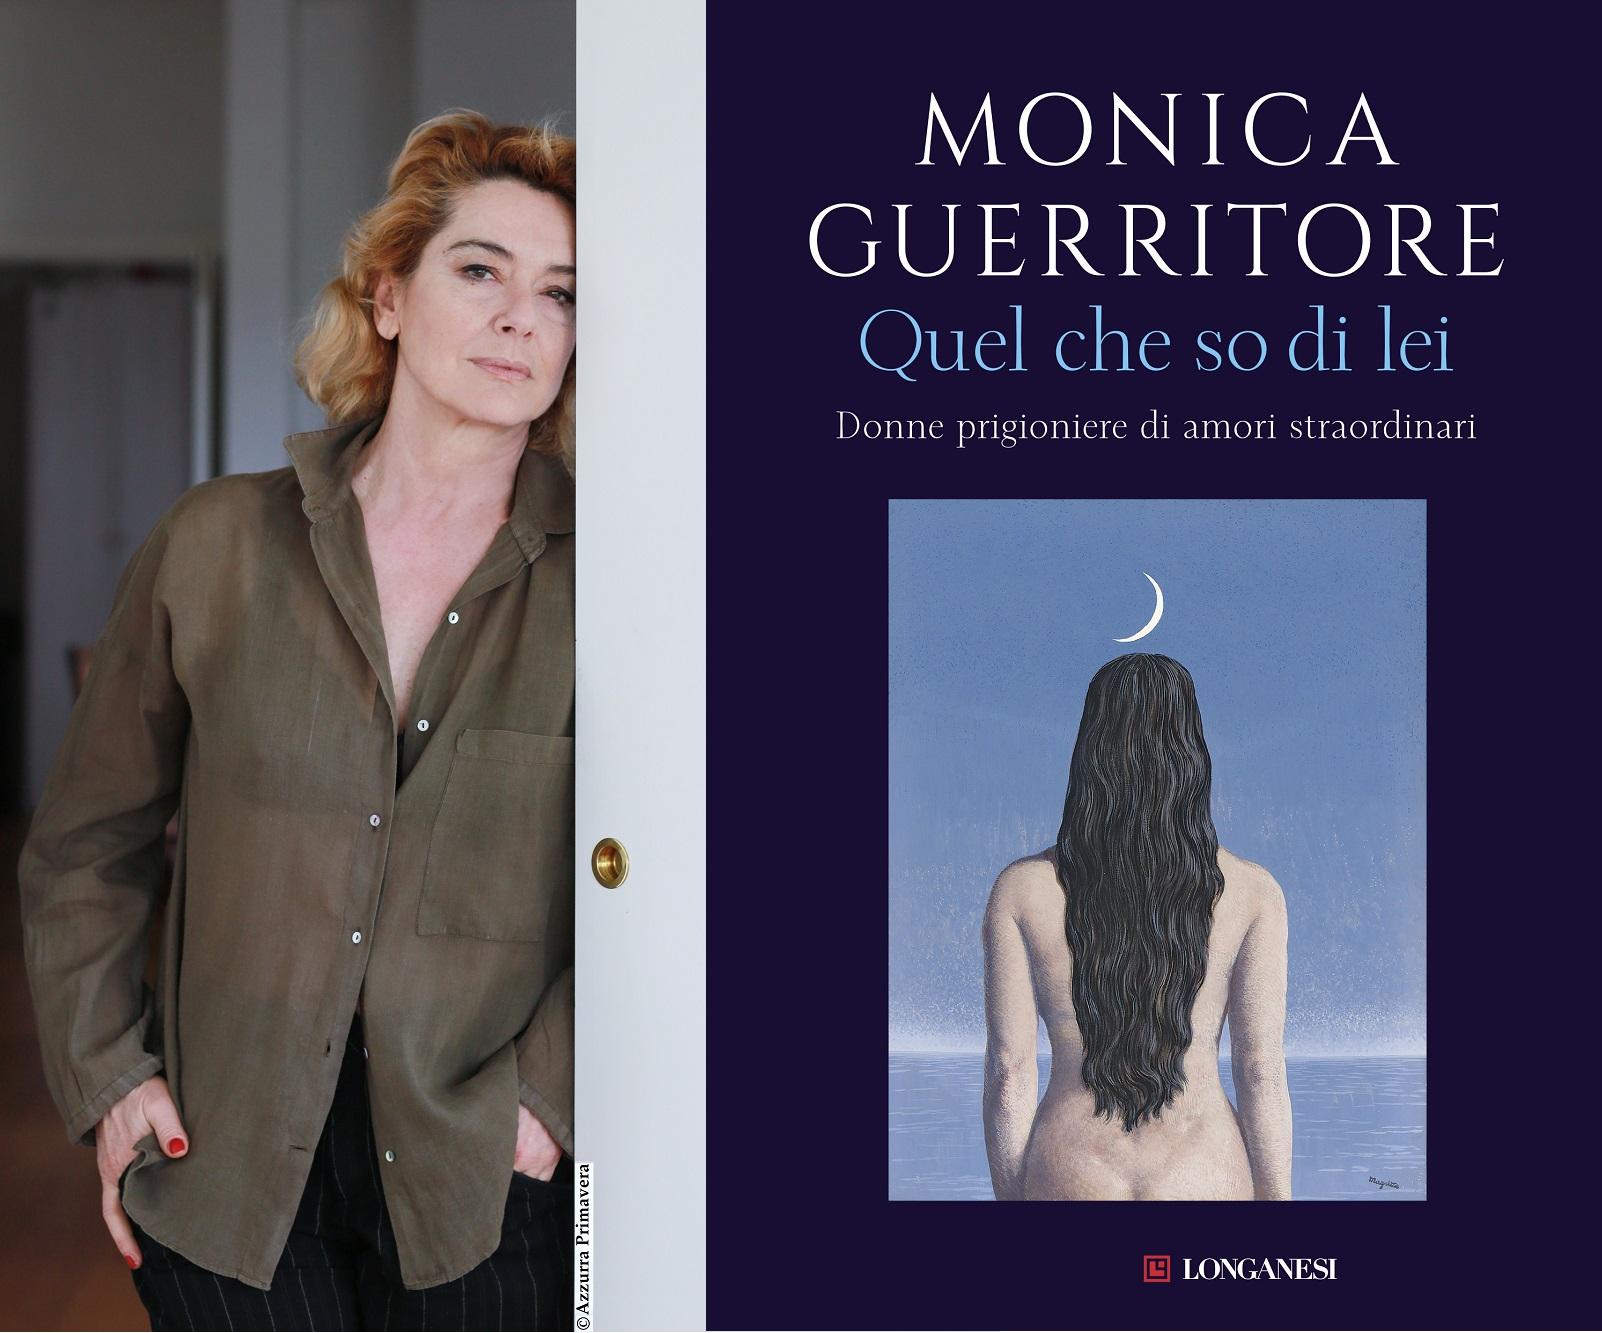 Monica Guerritore, Quel che so di lei